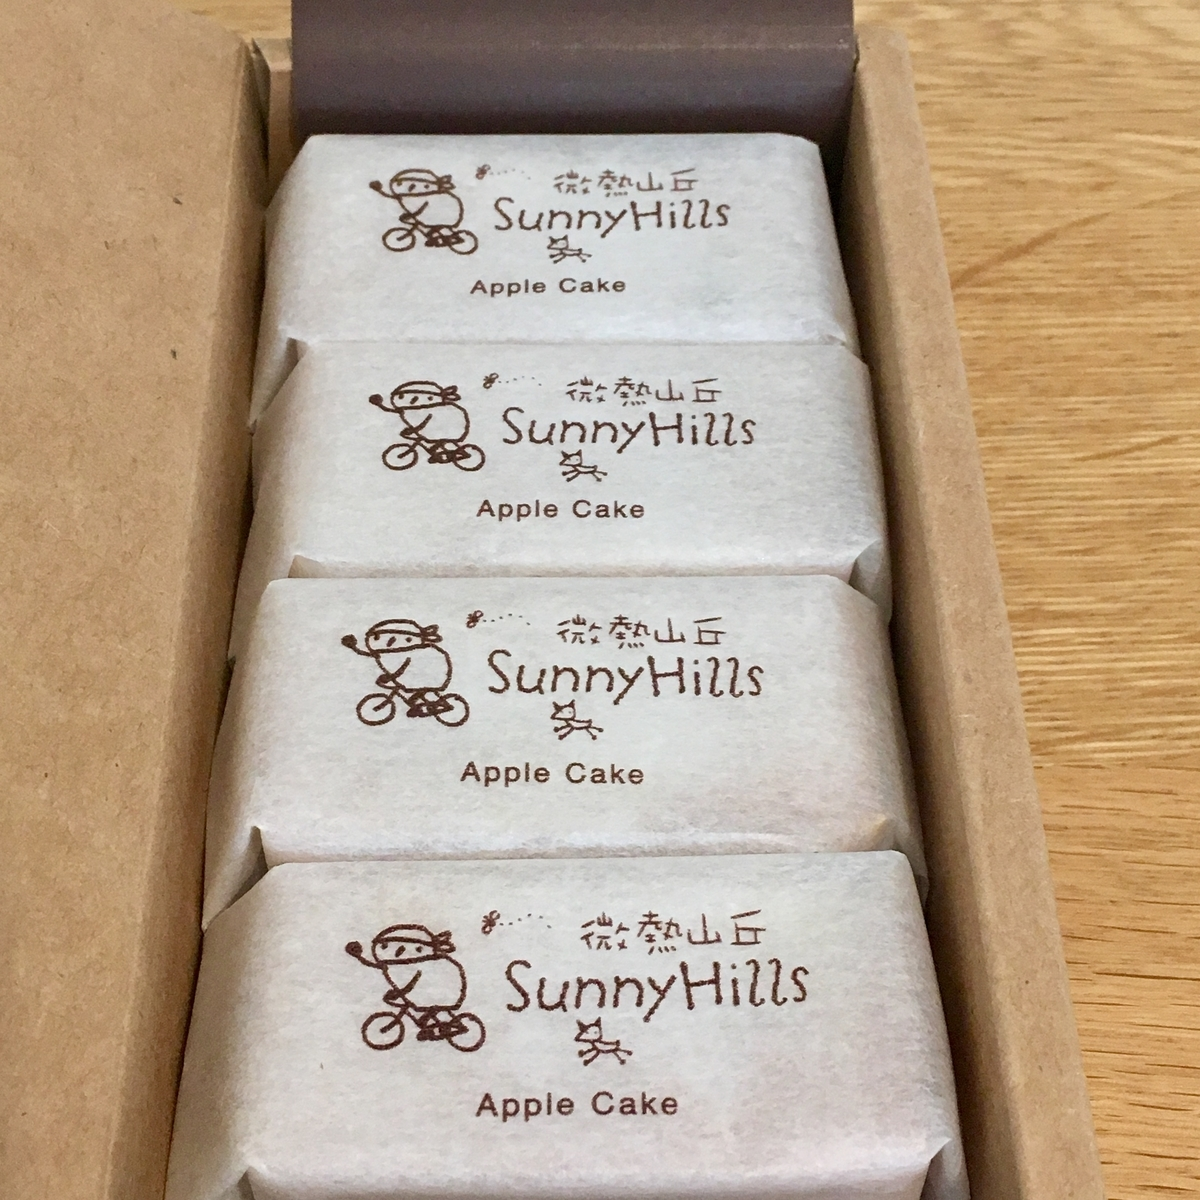 SunnyHillsのりんごケーキ5個入箱を開けた画像